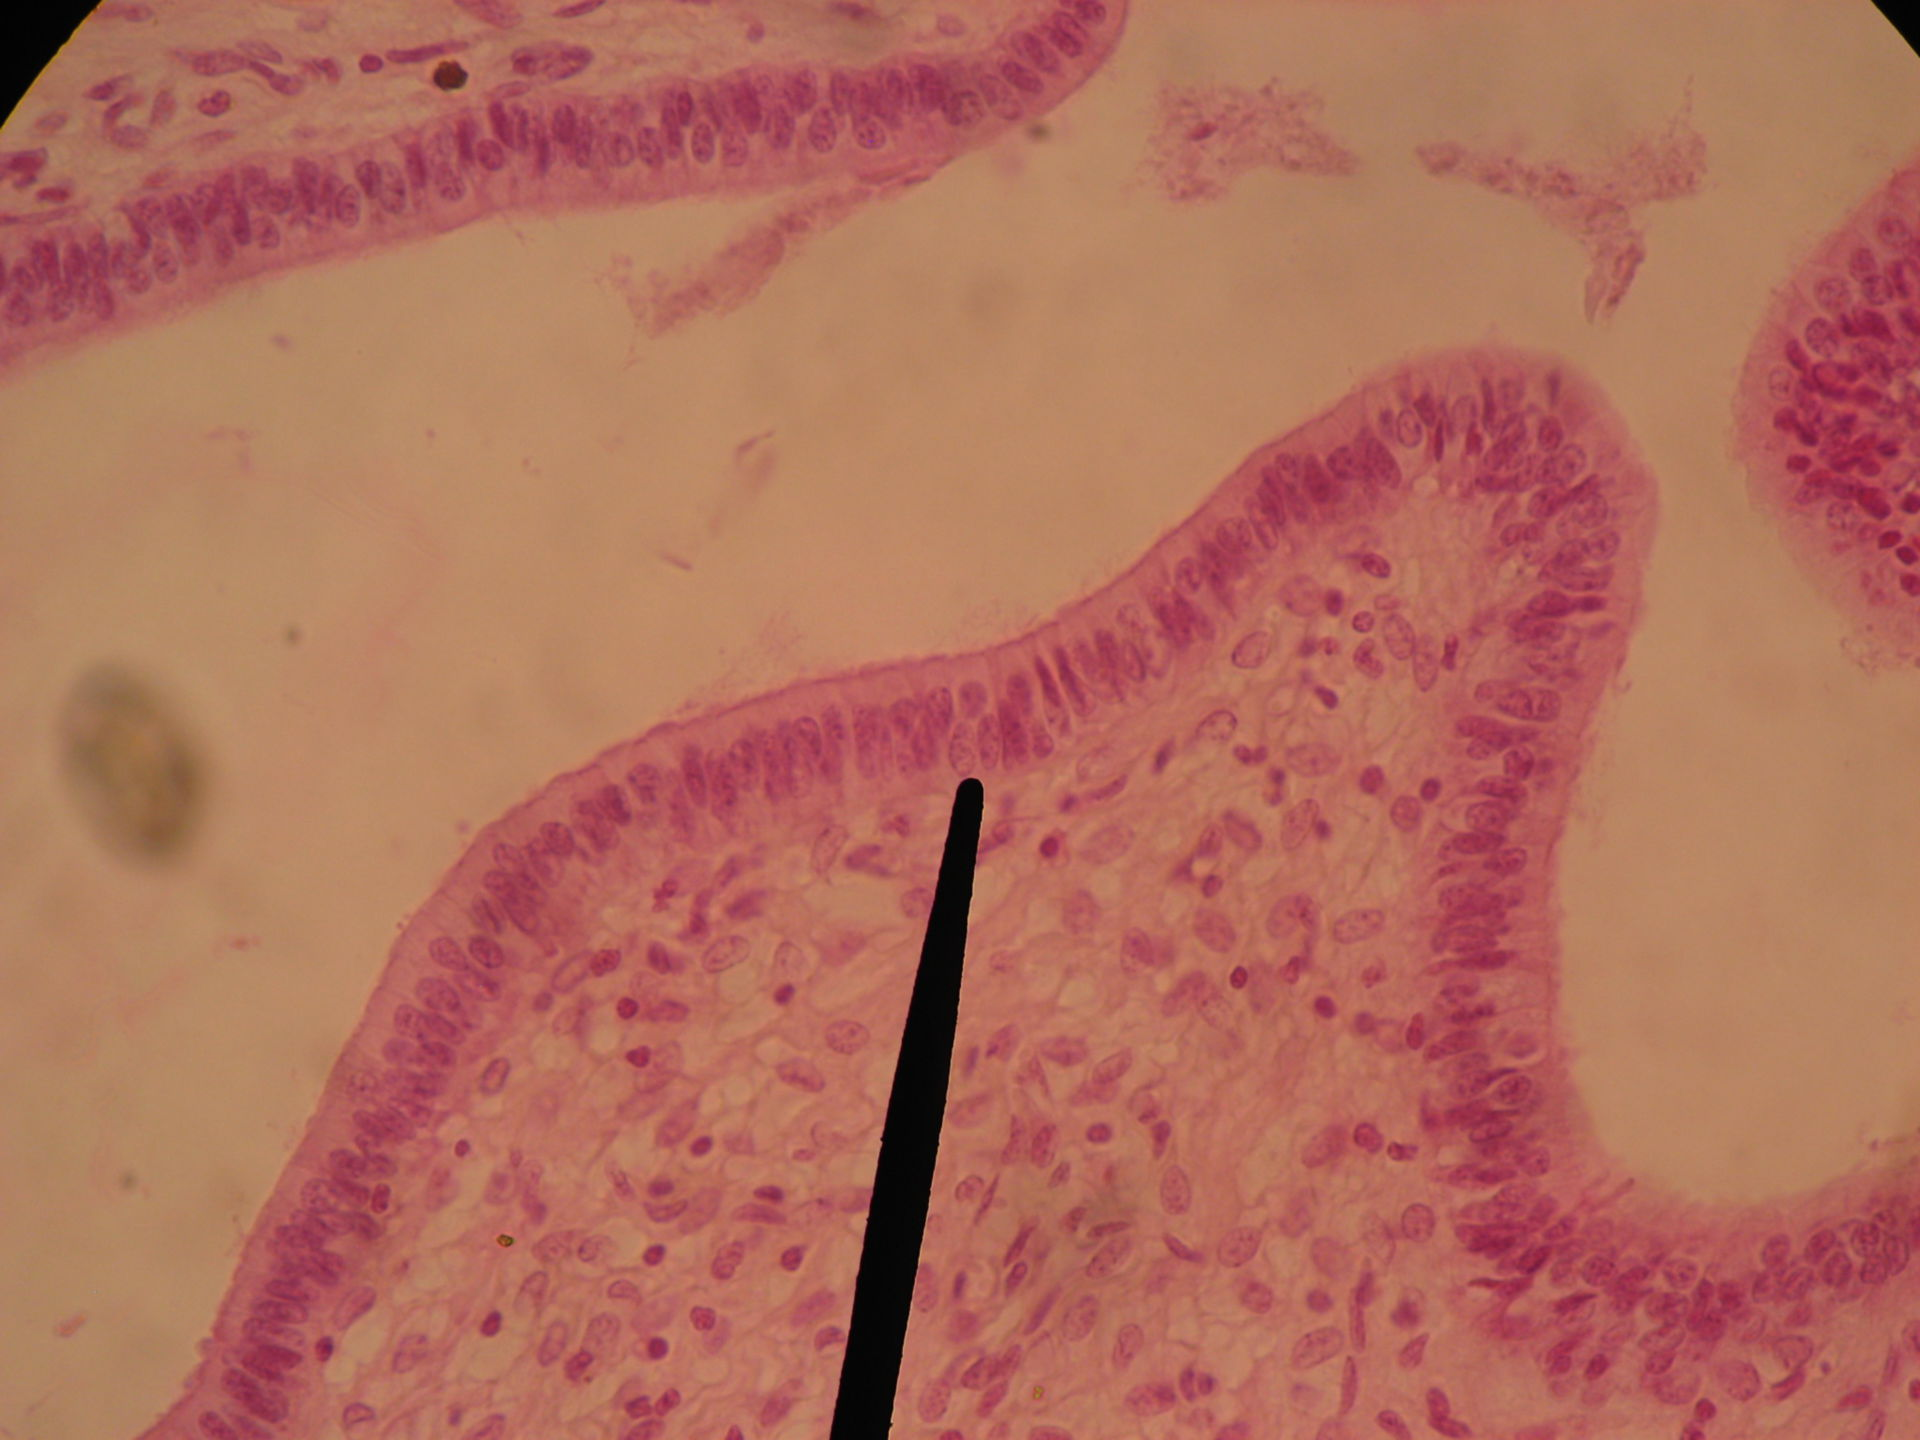 Gebärmutterhals Zibbe (2) - Epithelium mucosae